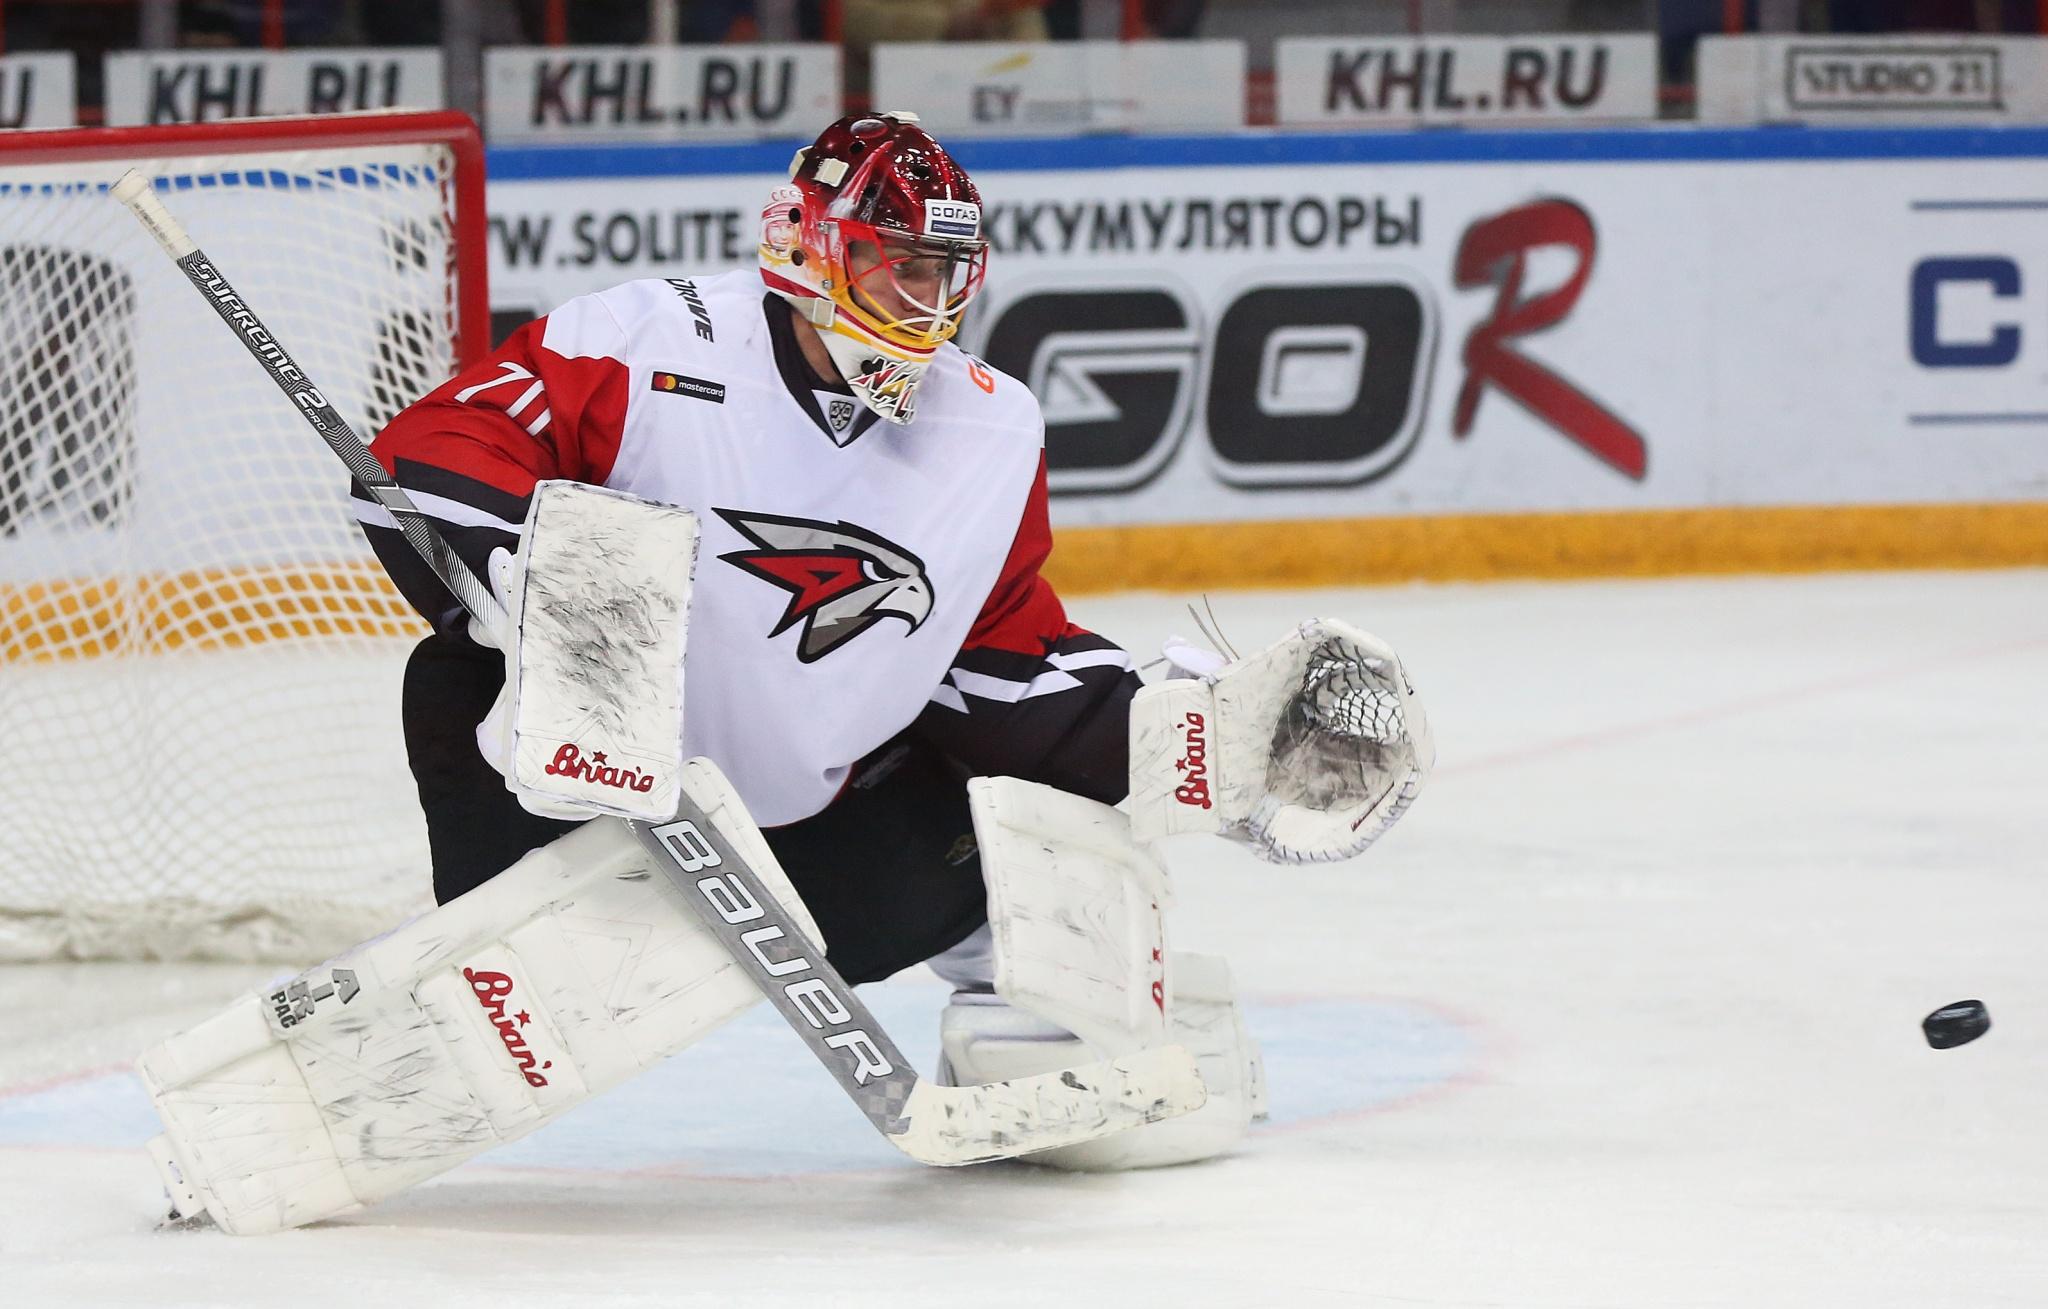 Иван Налимов. Фото: Дмитрий Кулинич